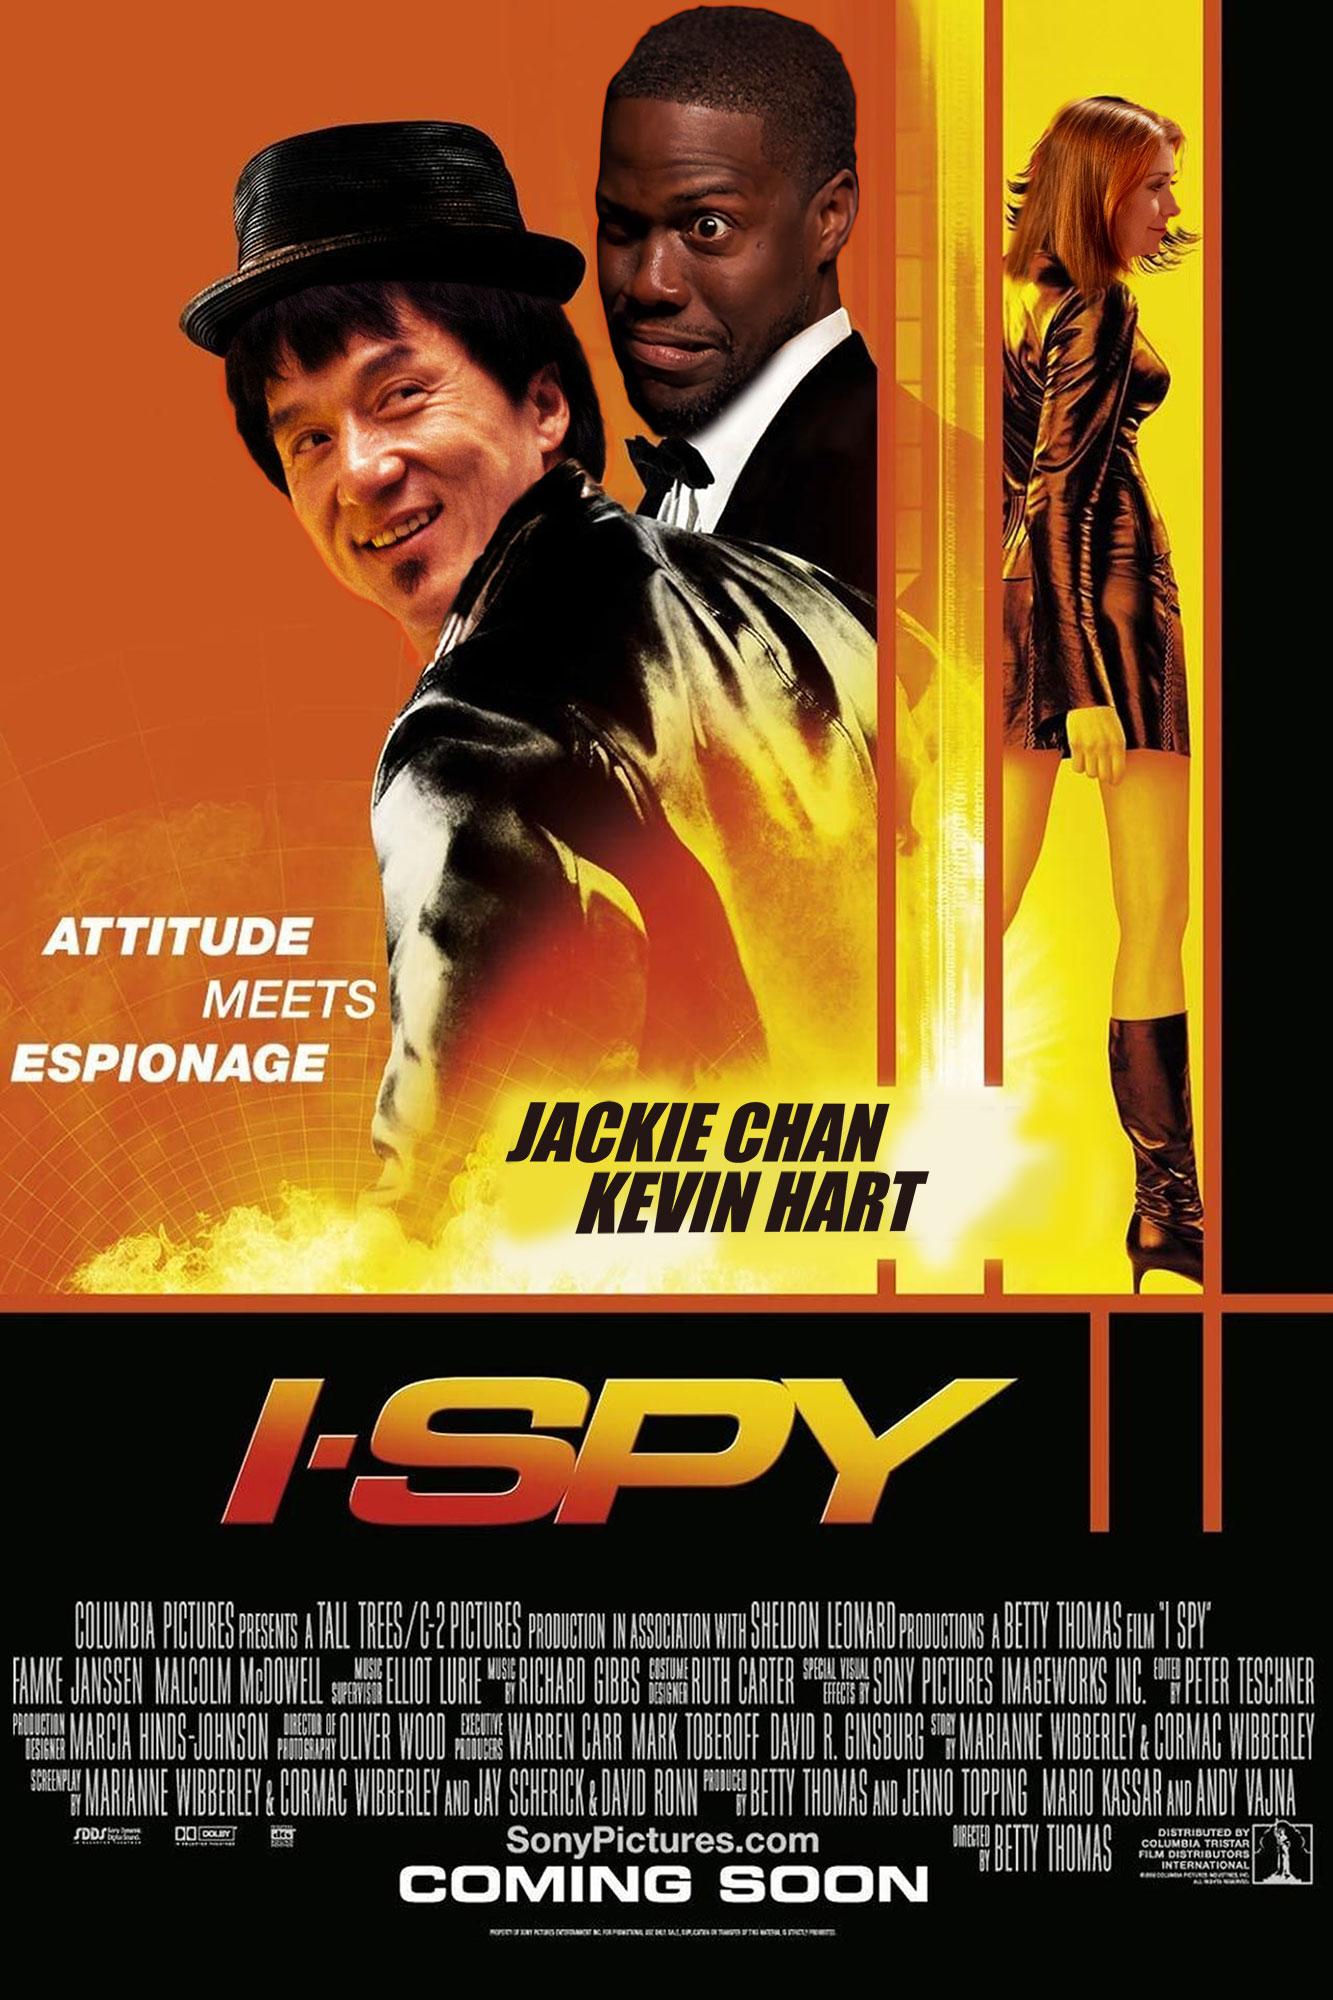 DDJJ - Spy